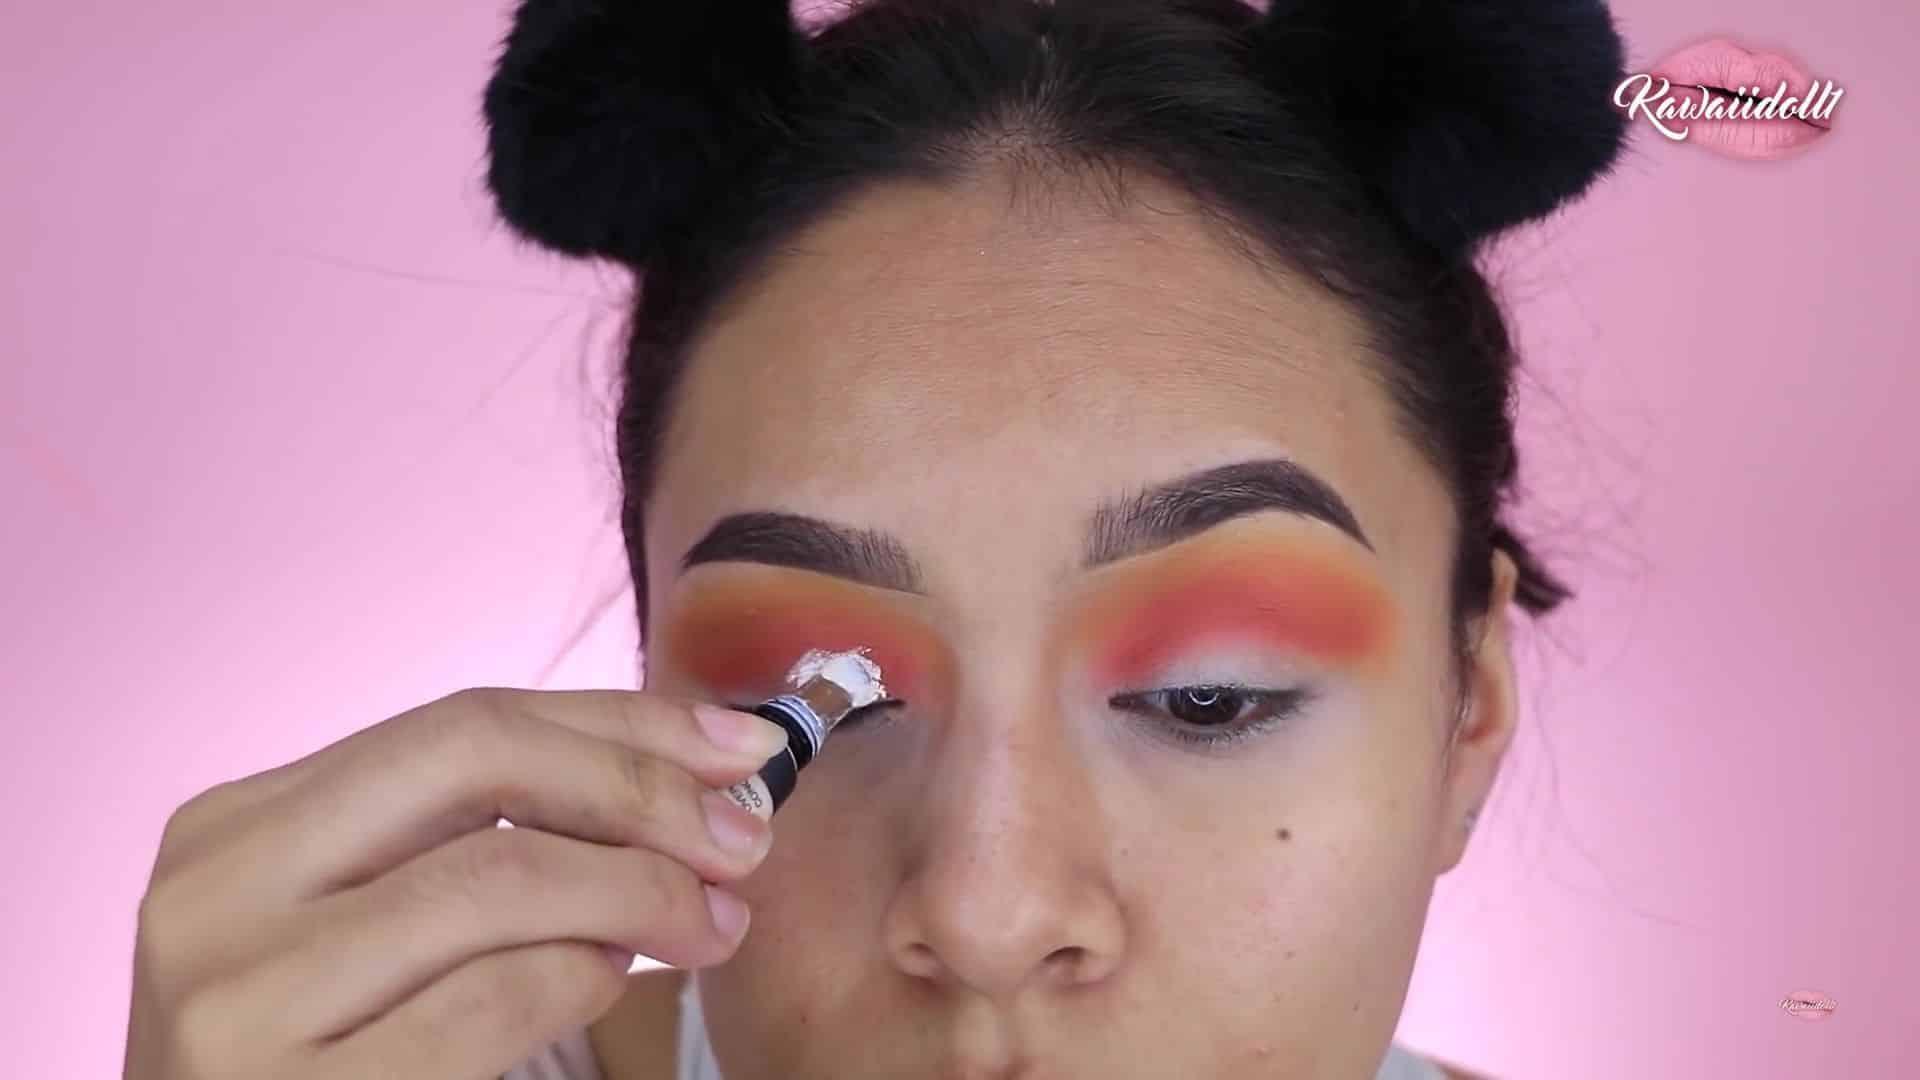 maquillaje de fantasía rapunzel 2020 kawaiidoll1  corrector blanco.